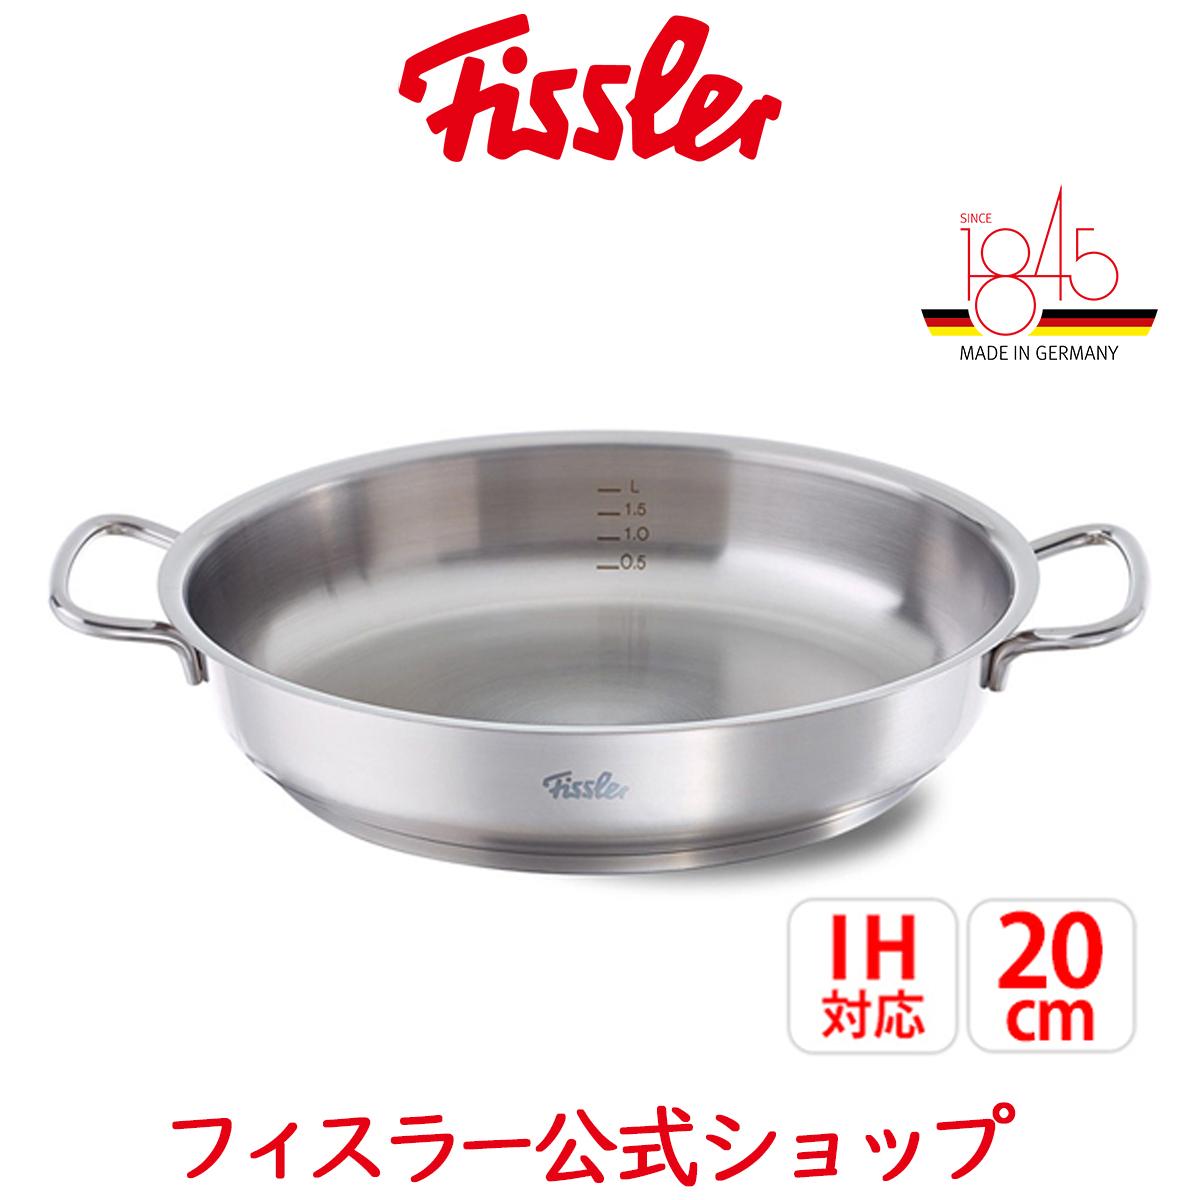 【公式】 フィスラー 両手鍋 プロコレクション サーブパン 20cm 084-358-20-100 IH対応・ガス火対応 10年保証付き メーカー公式 ドイツ製 ステンレス製 Fissler 4009209336084 卓上鍋 すき焼き鍋